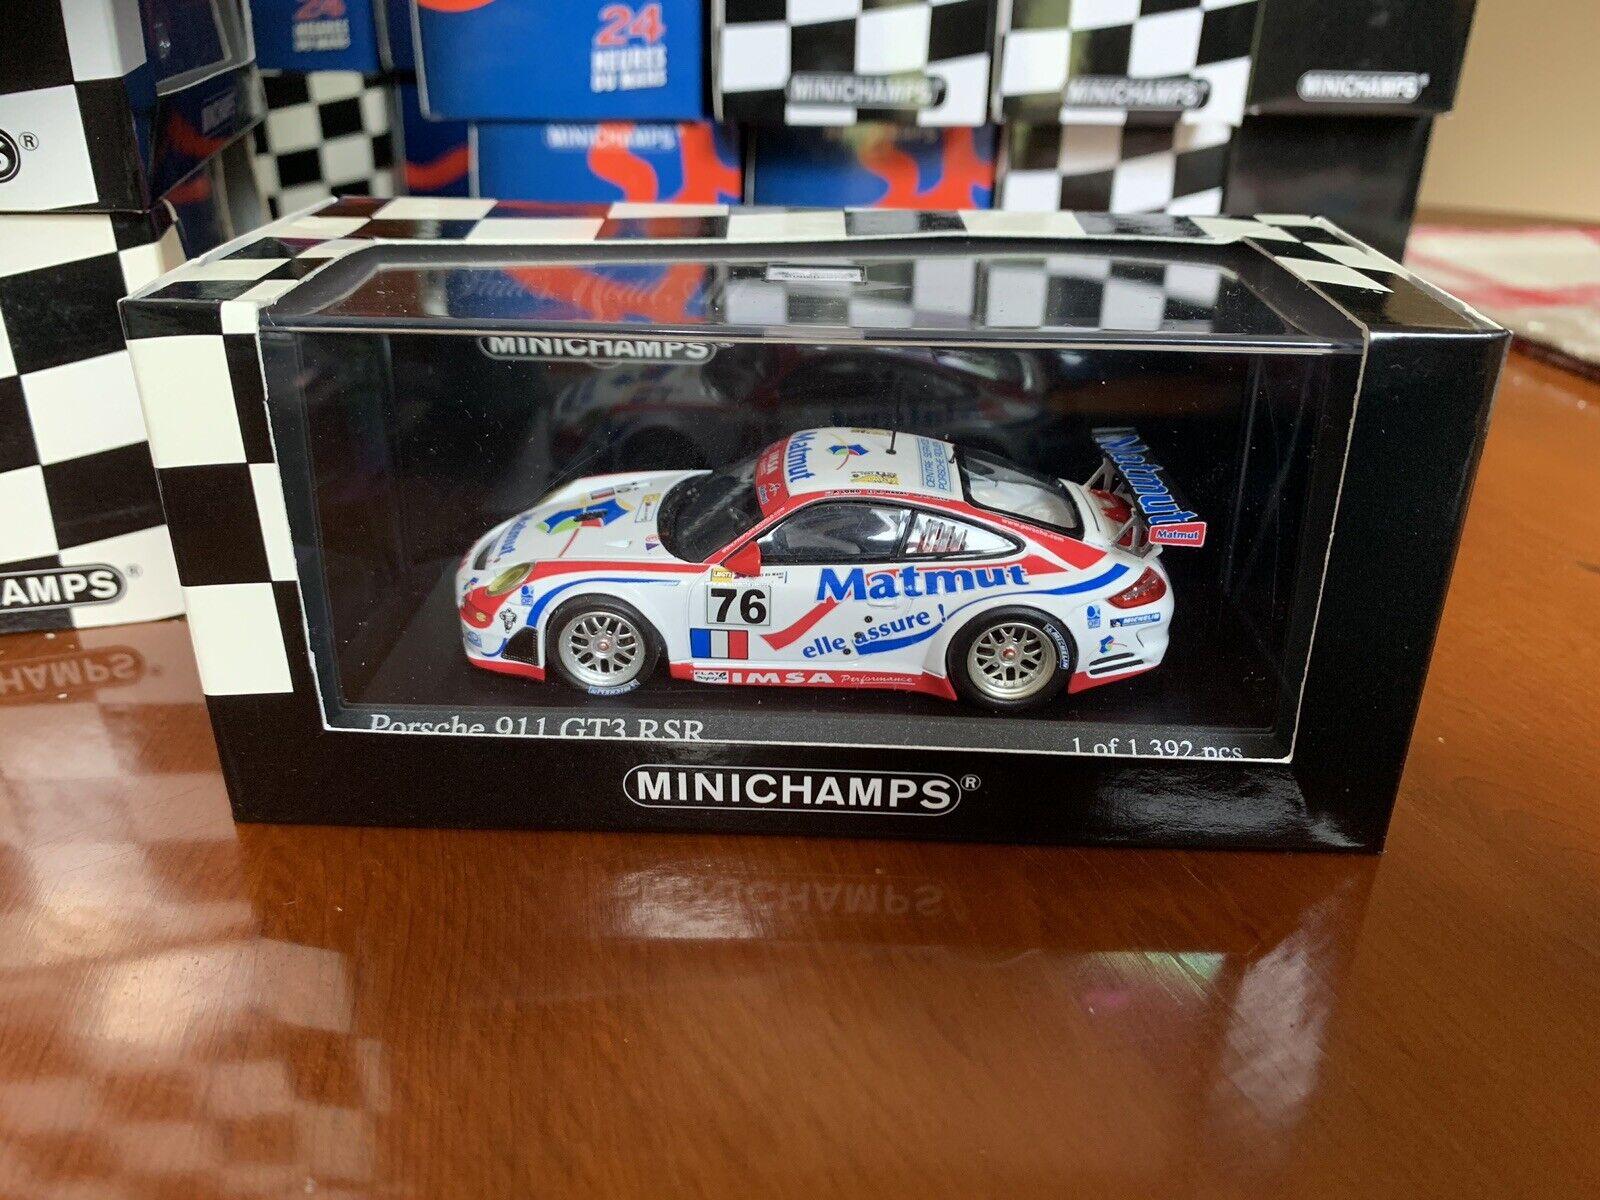 Minichamps Porsche 911 GT3 RSR. 24hr Le Mans 2007. In 1 43 scale diecast